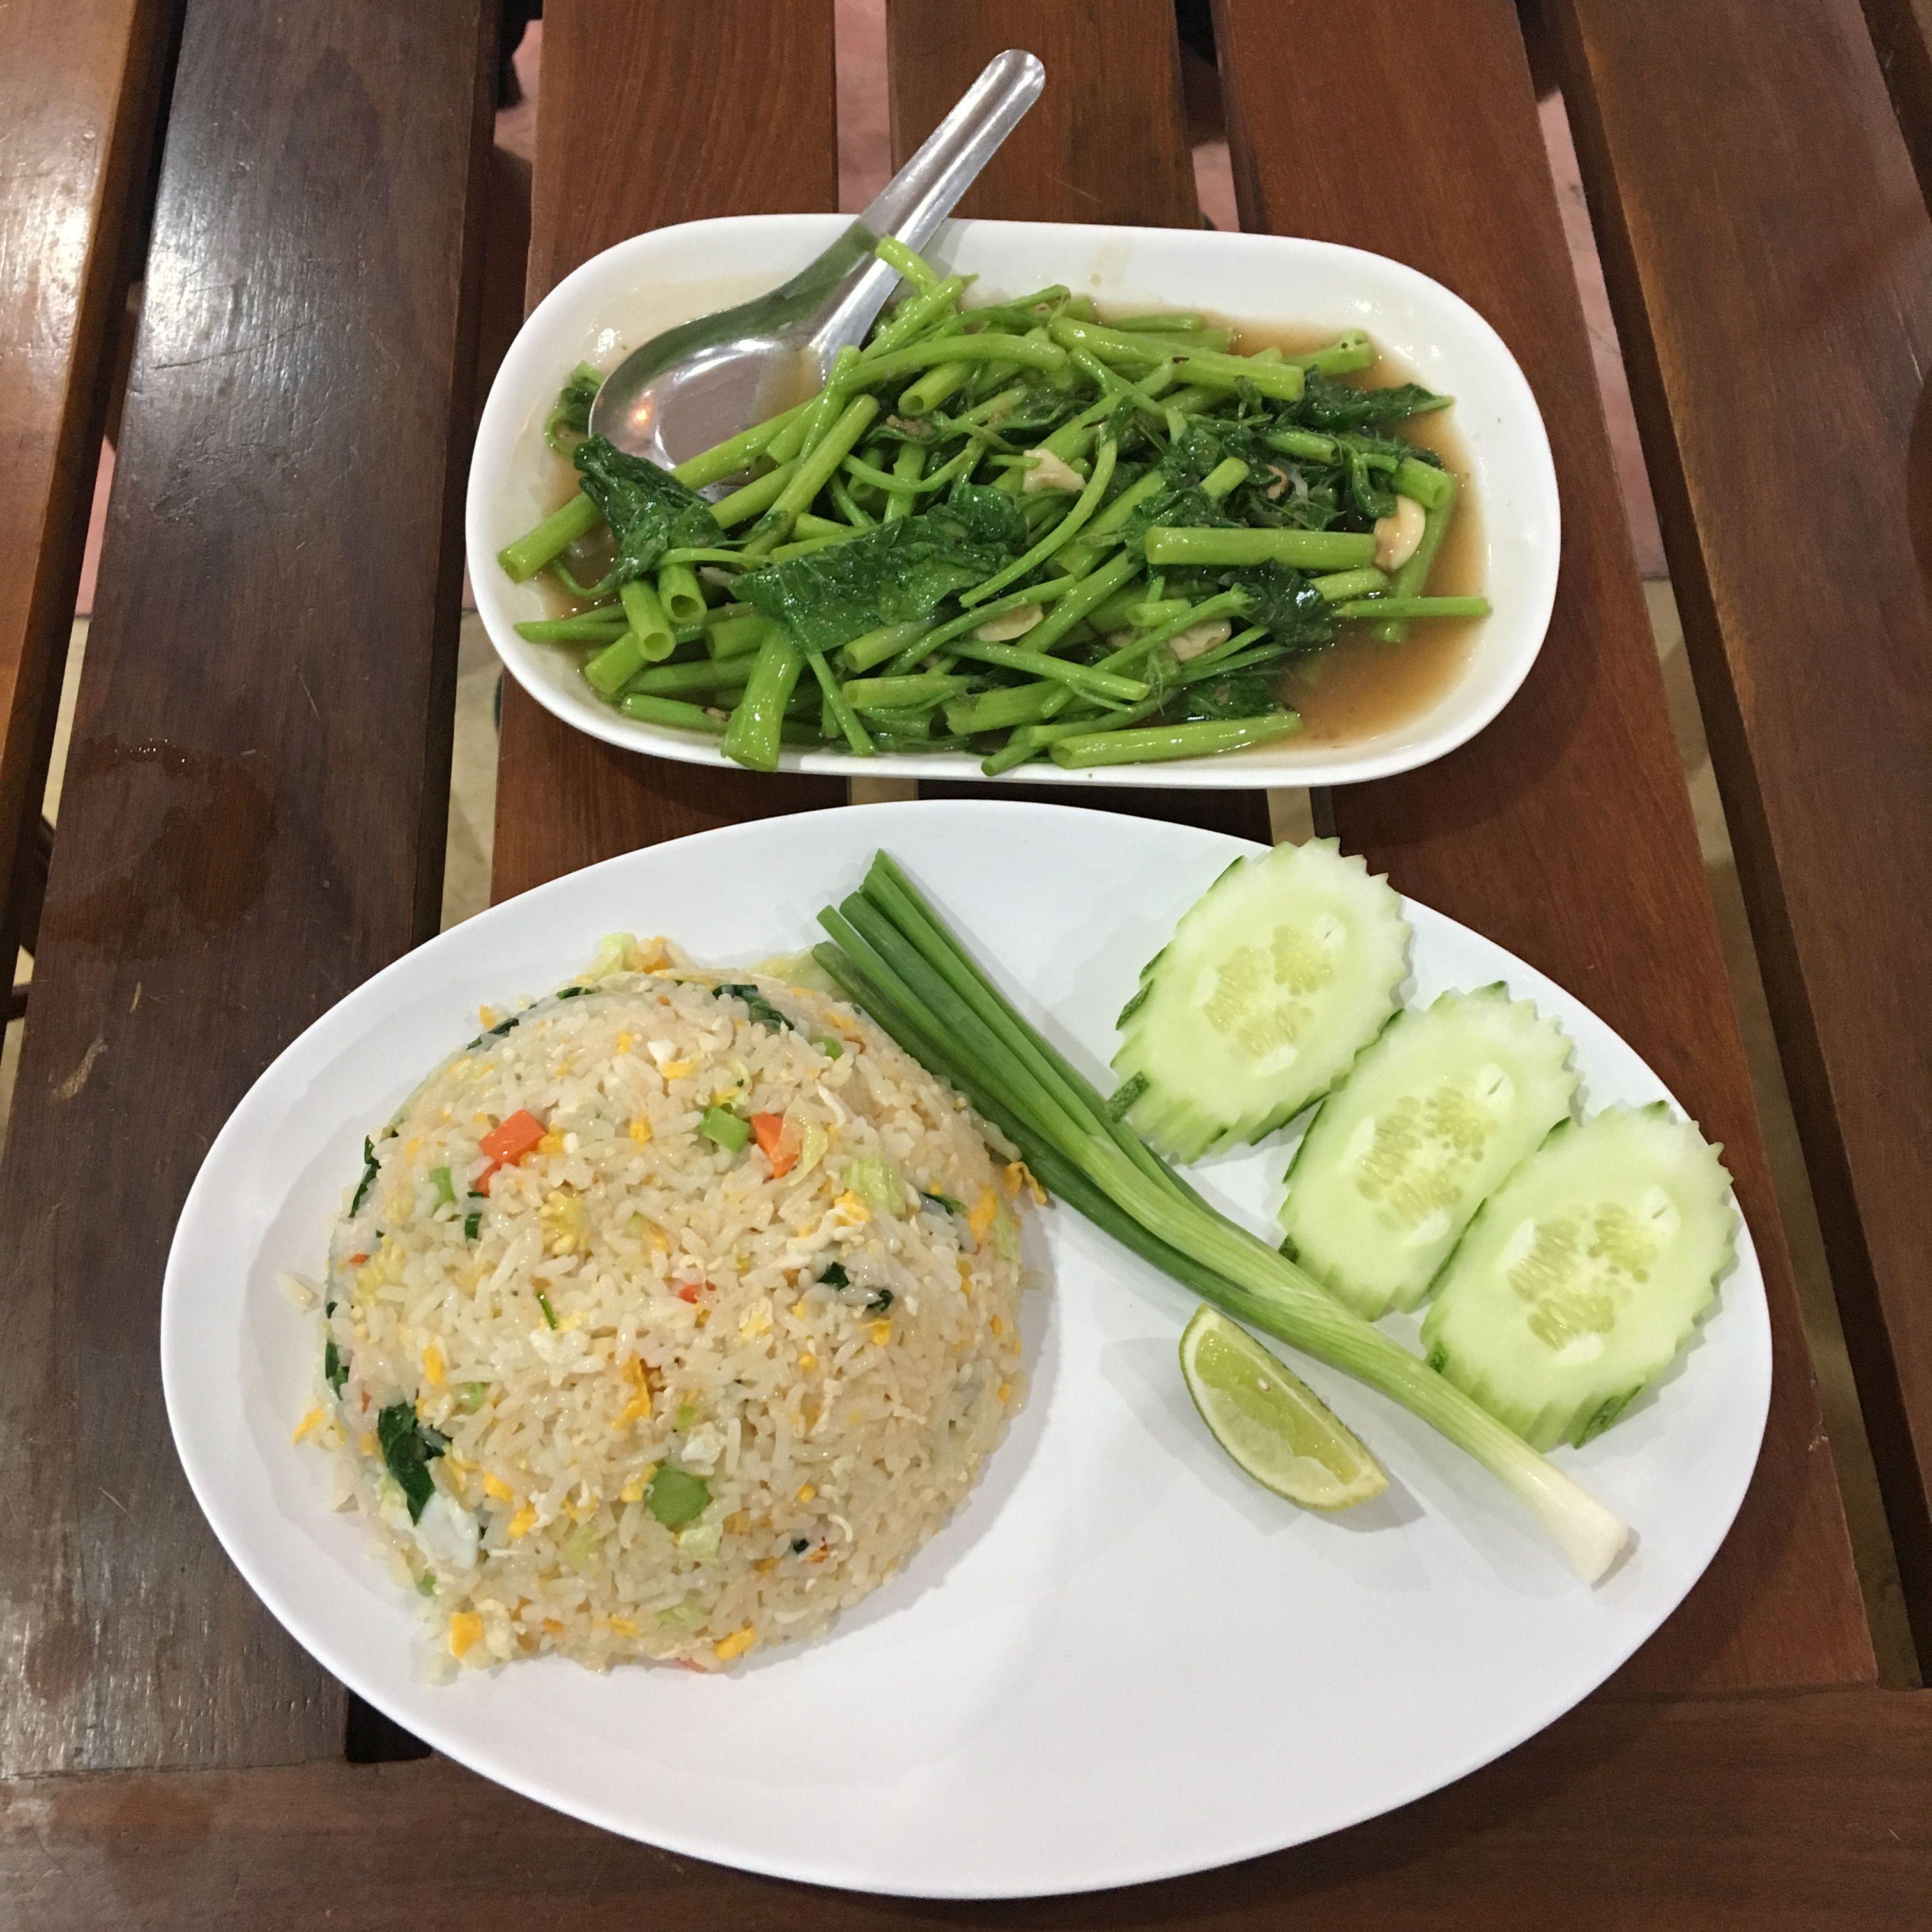 Morning glory, hús és halmentes zöld zöldségek rizzsel. Finom volt, sőt itt még a sima rizsnek is jó íze volt.